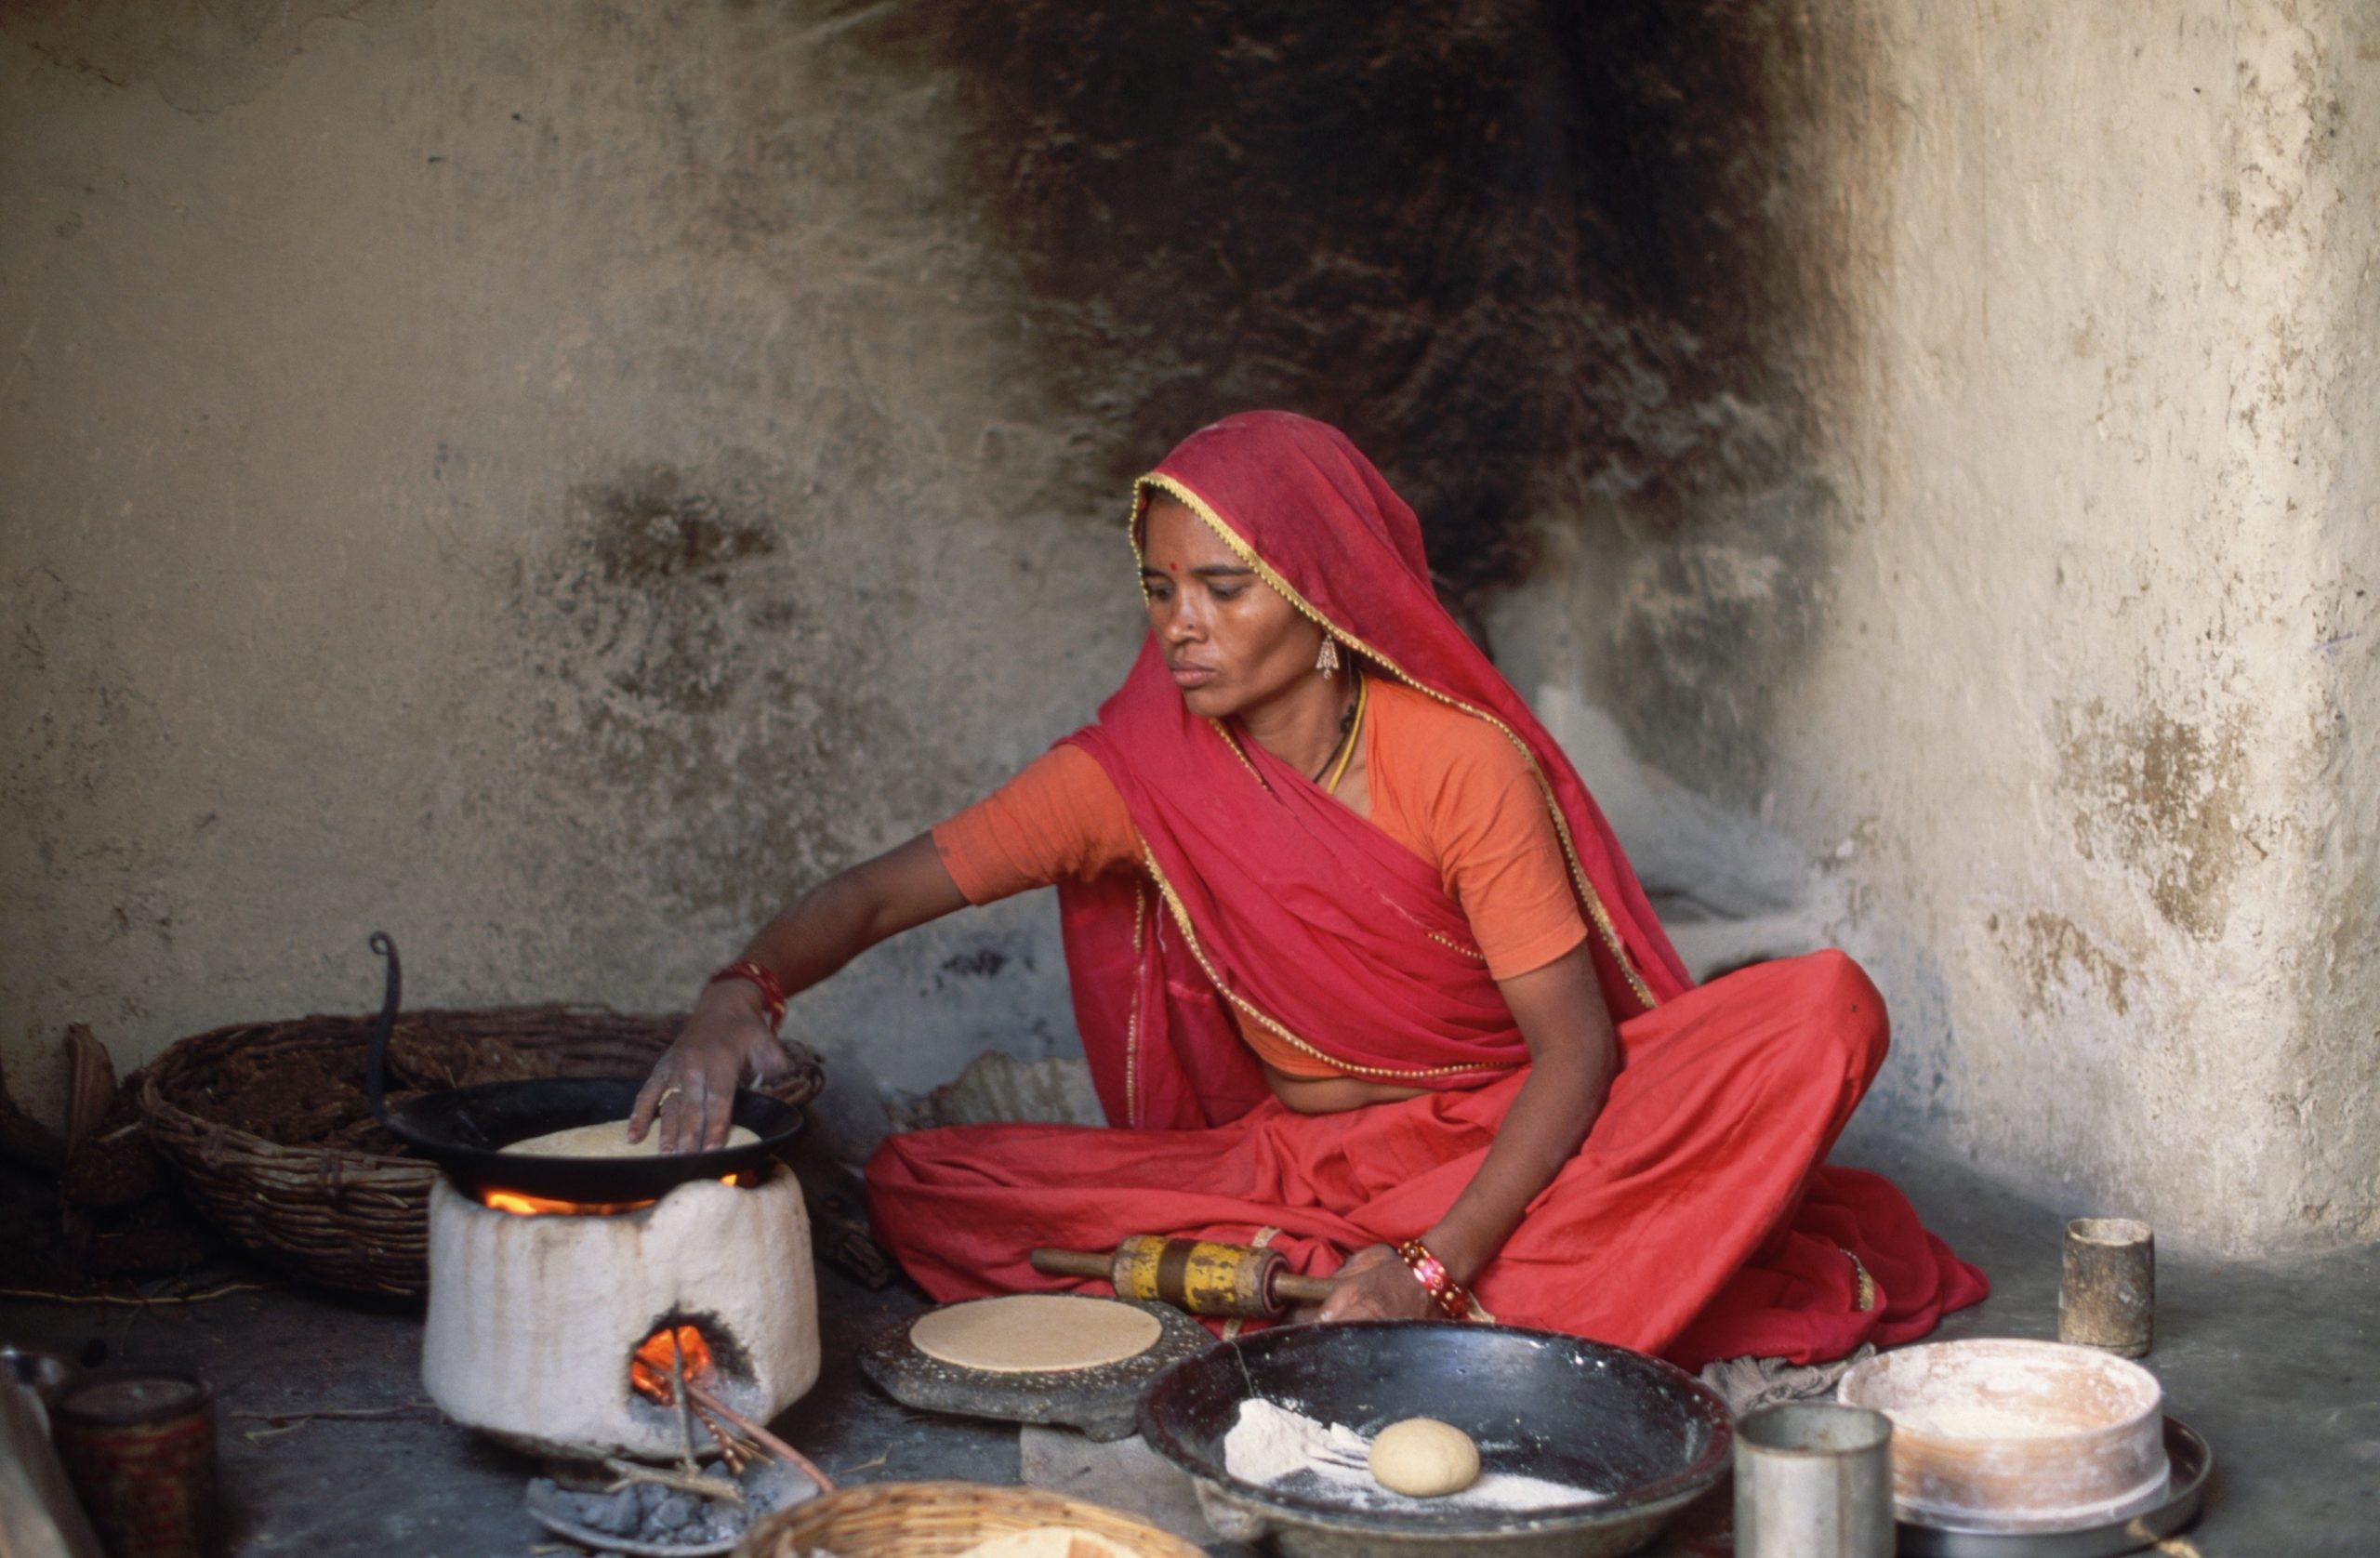 नए साल में नारीवादी रसोई का निर्माण| नारीवादी चश्मा